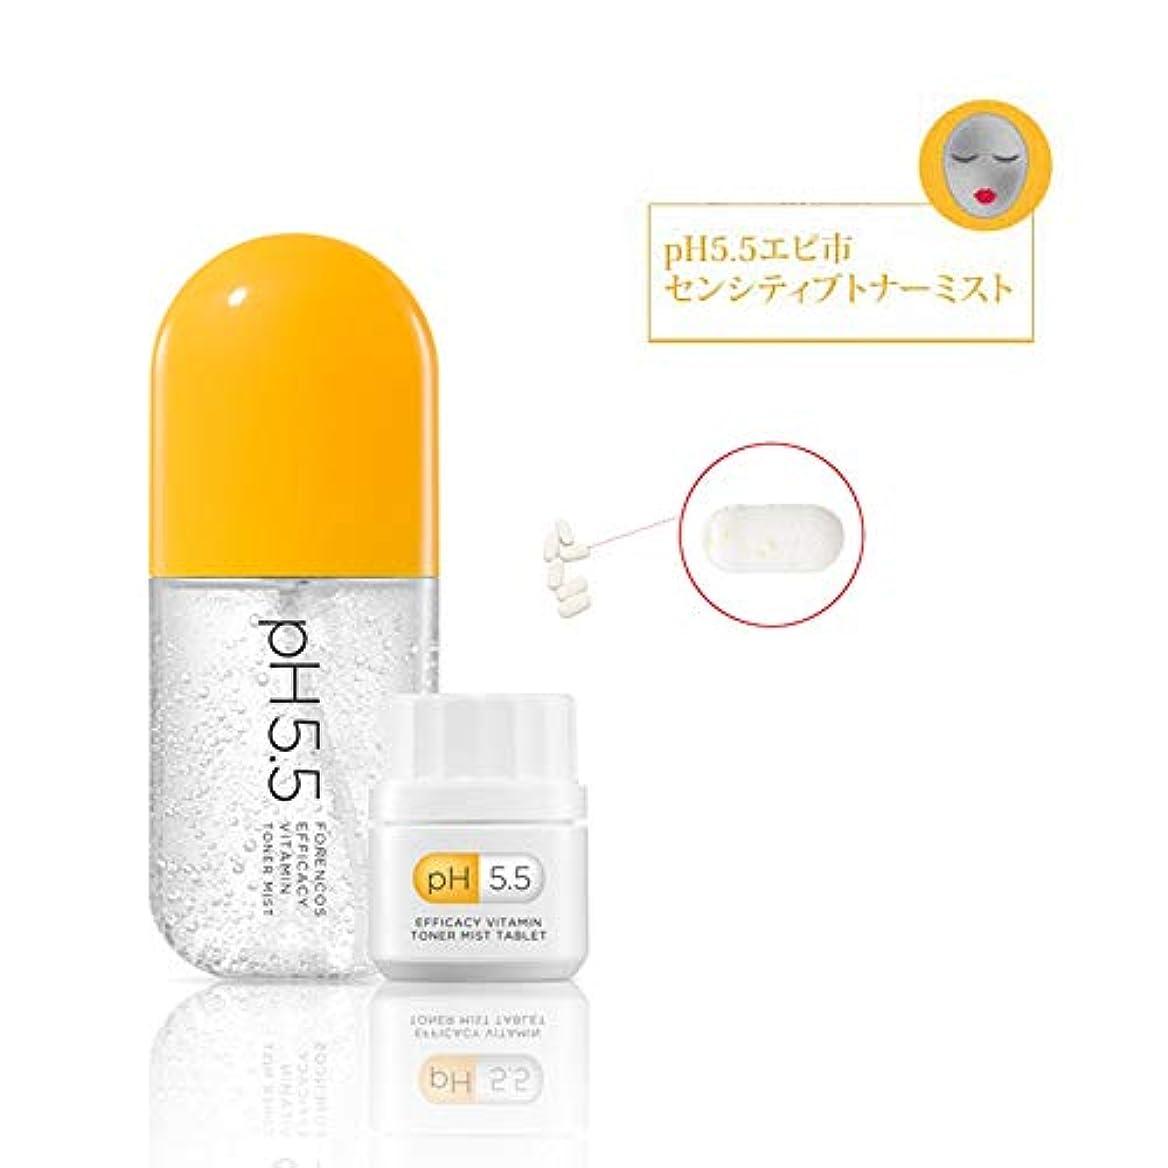 非常に領域安らぎ[FORENCOS] pH5.5 ビタミン効果型化粧水スプレー/pH 5.5 Efficacy Toner Mist (1g*10ea) 1 Pack #Vitamin